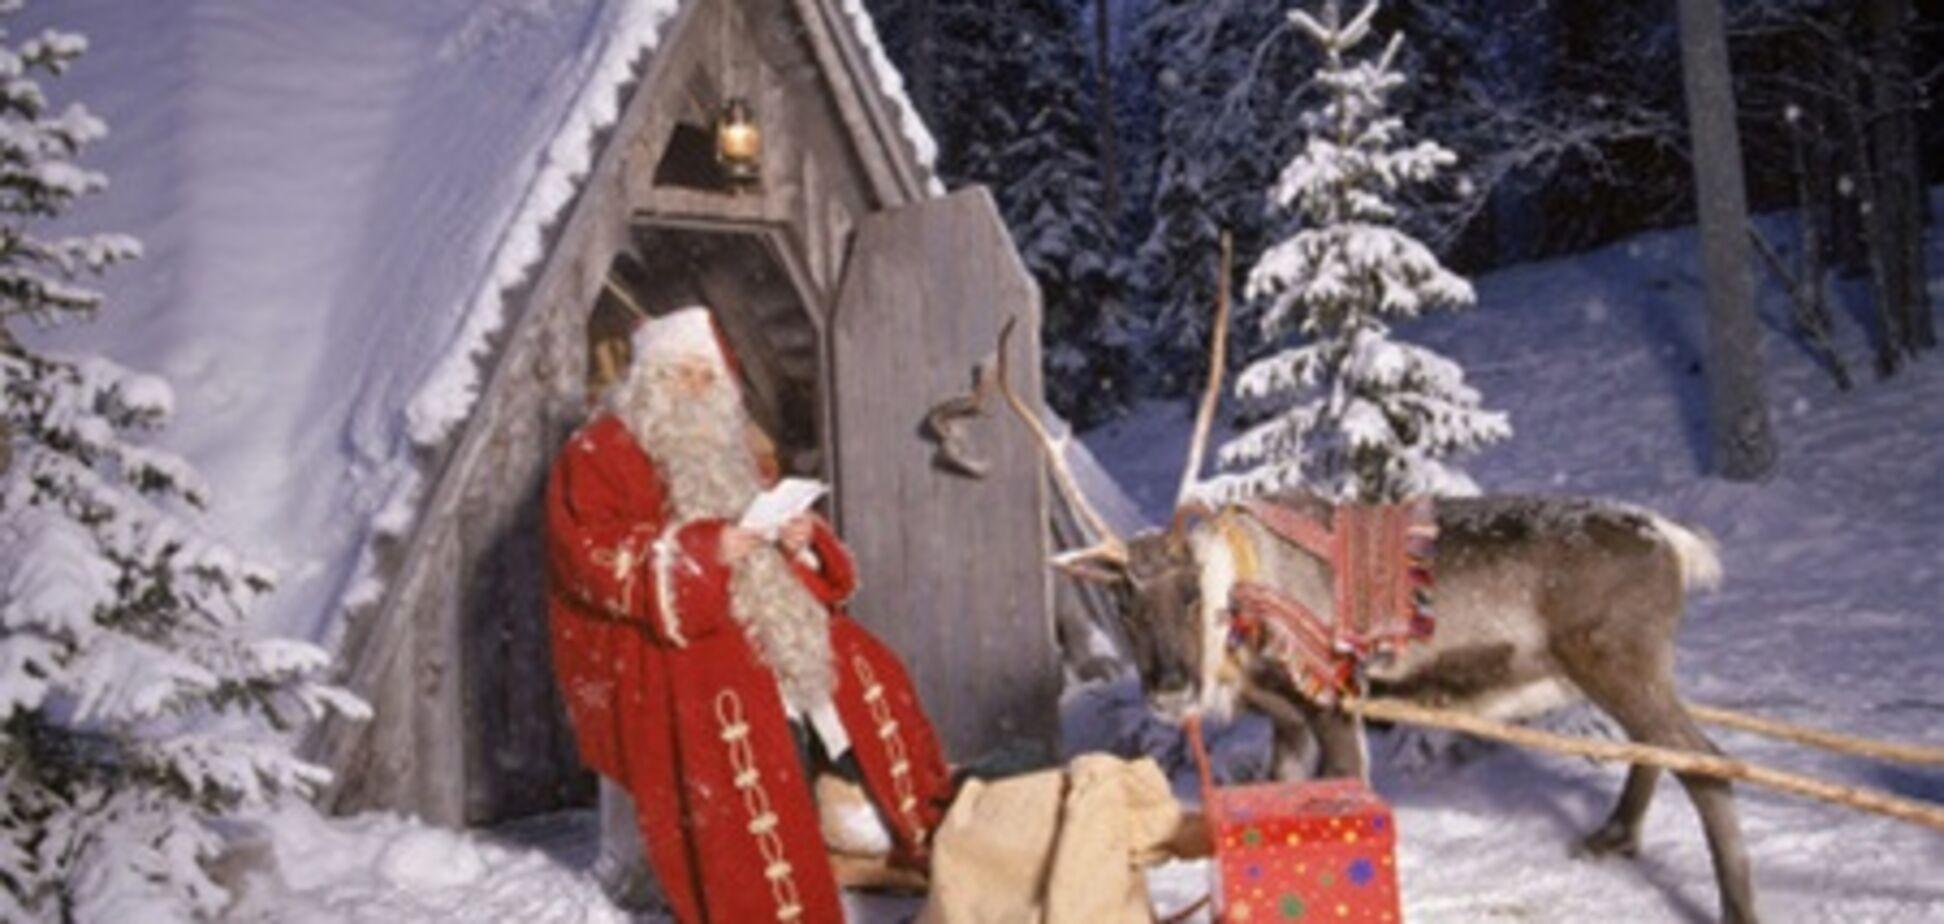 Злодії вибачилися перед Дідом Морозом за крадіжку мішка з подарунками